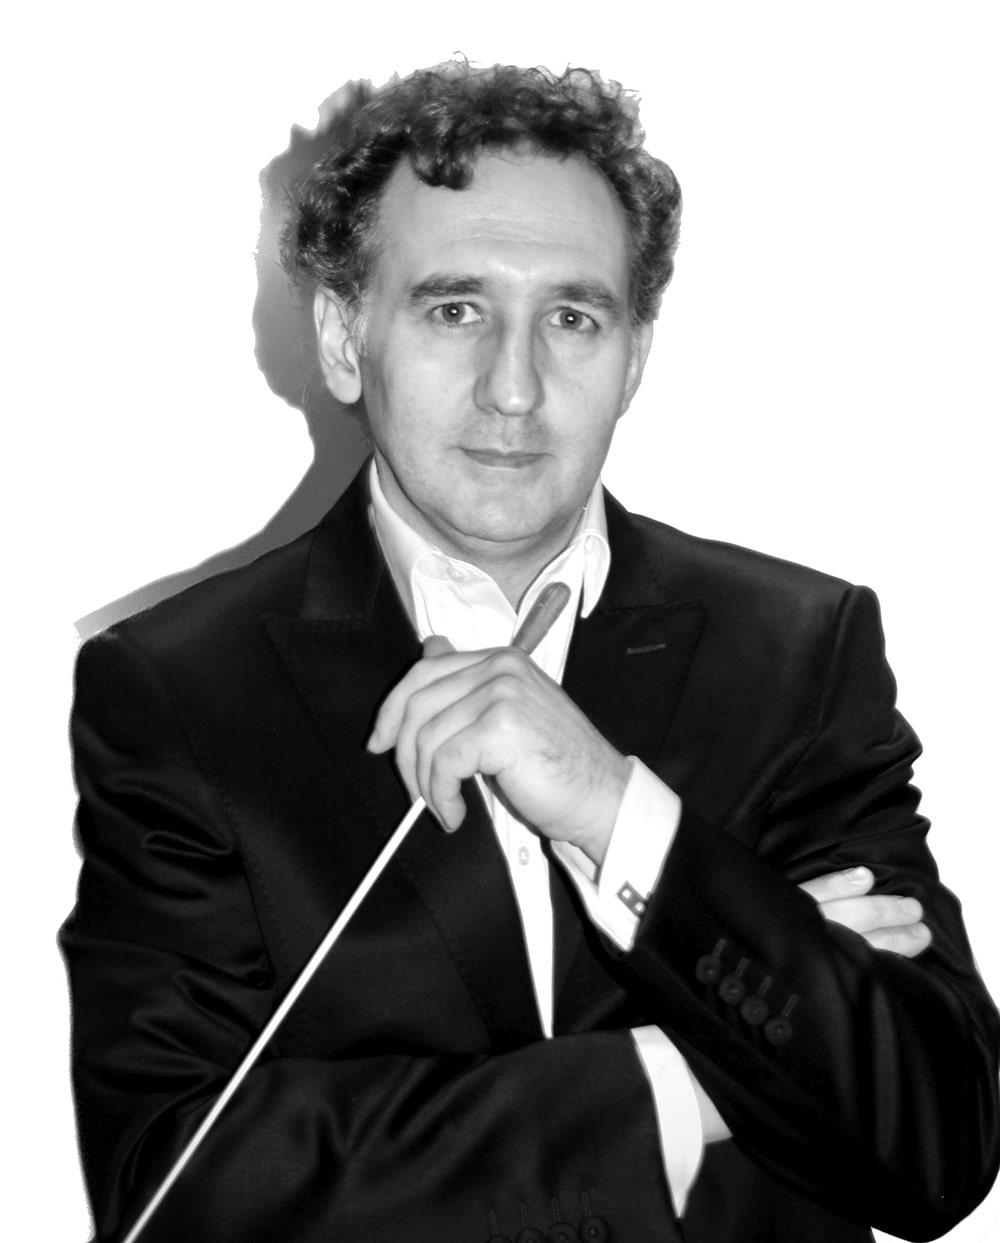 Director de orquesta imagen frontal